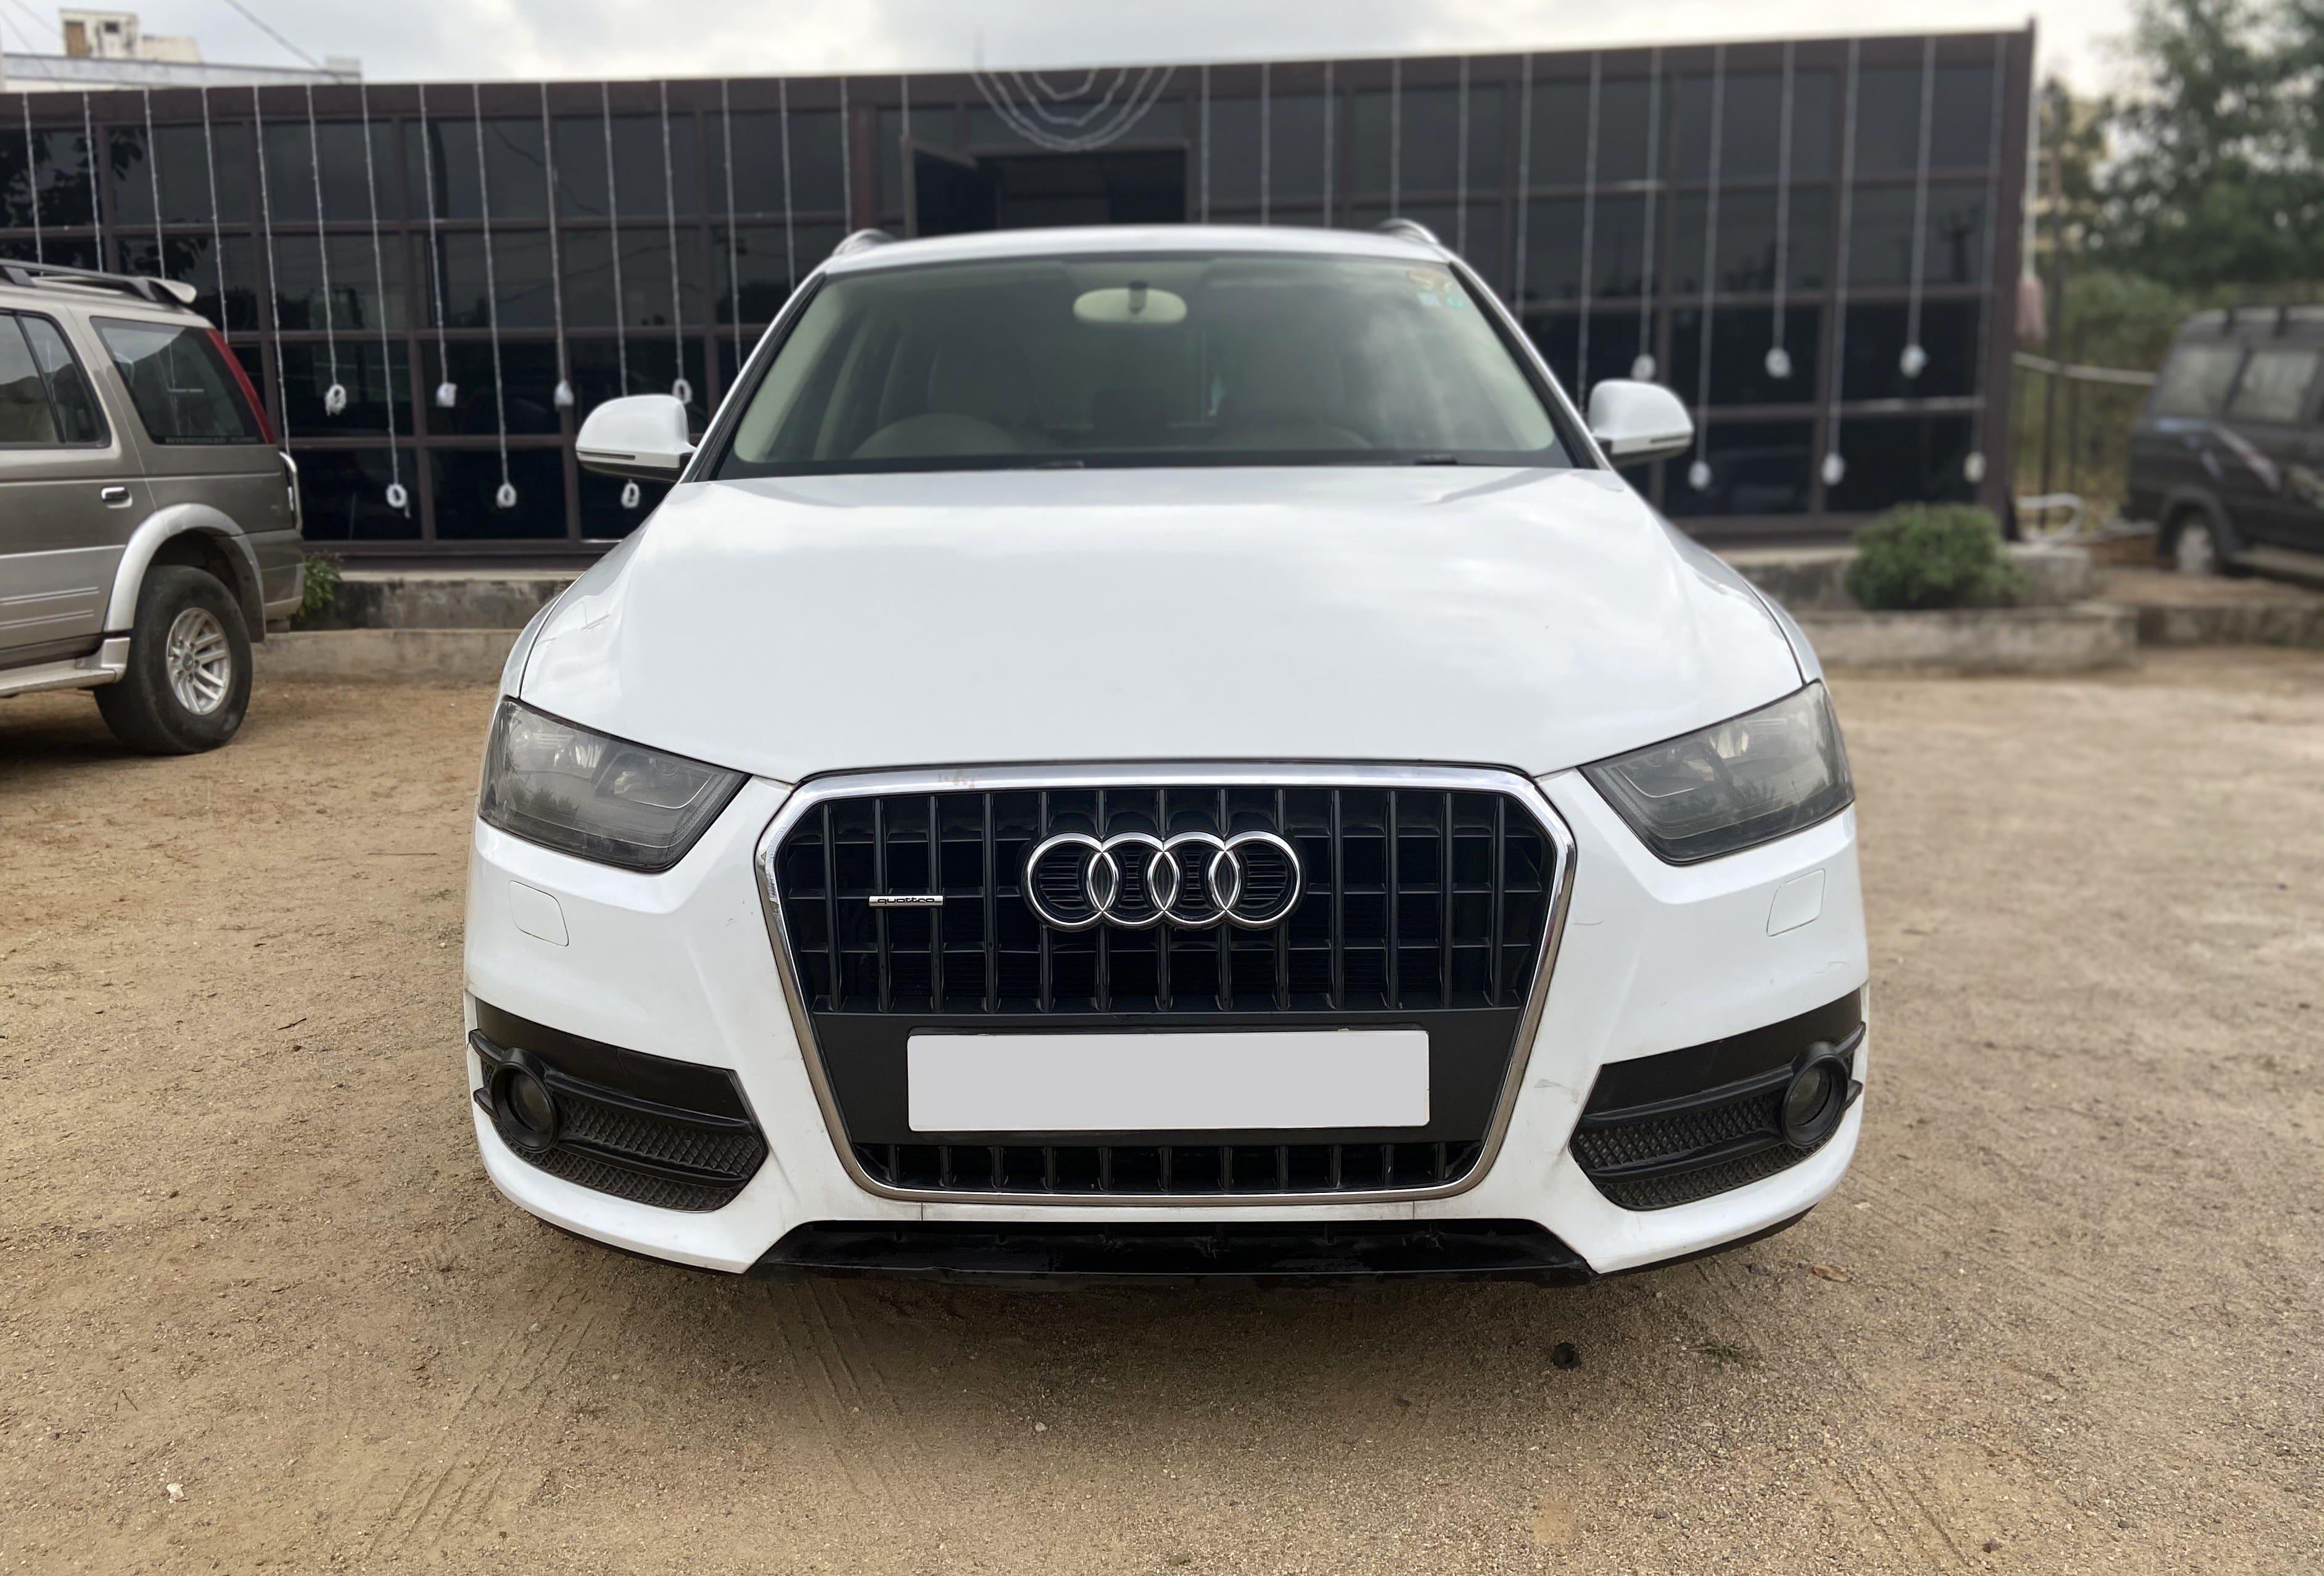 Audi Q3 2012-2015 35 TDI Quattro Premium Plus